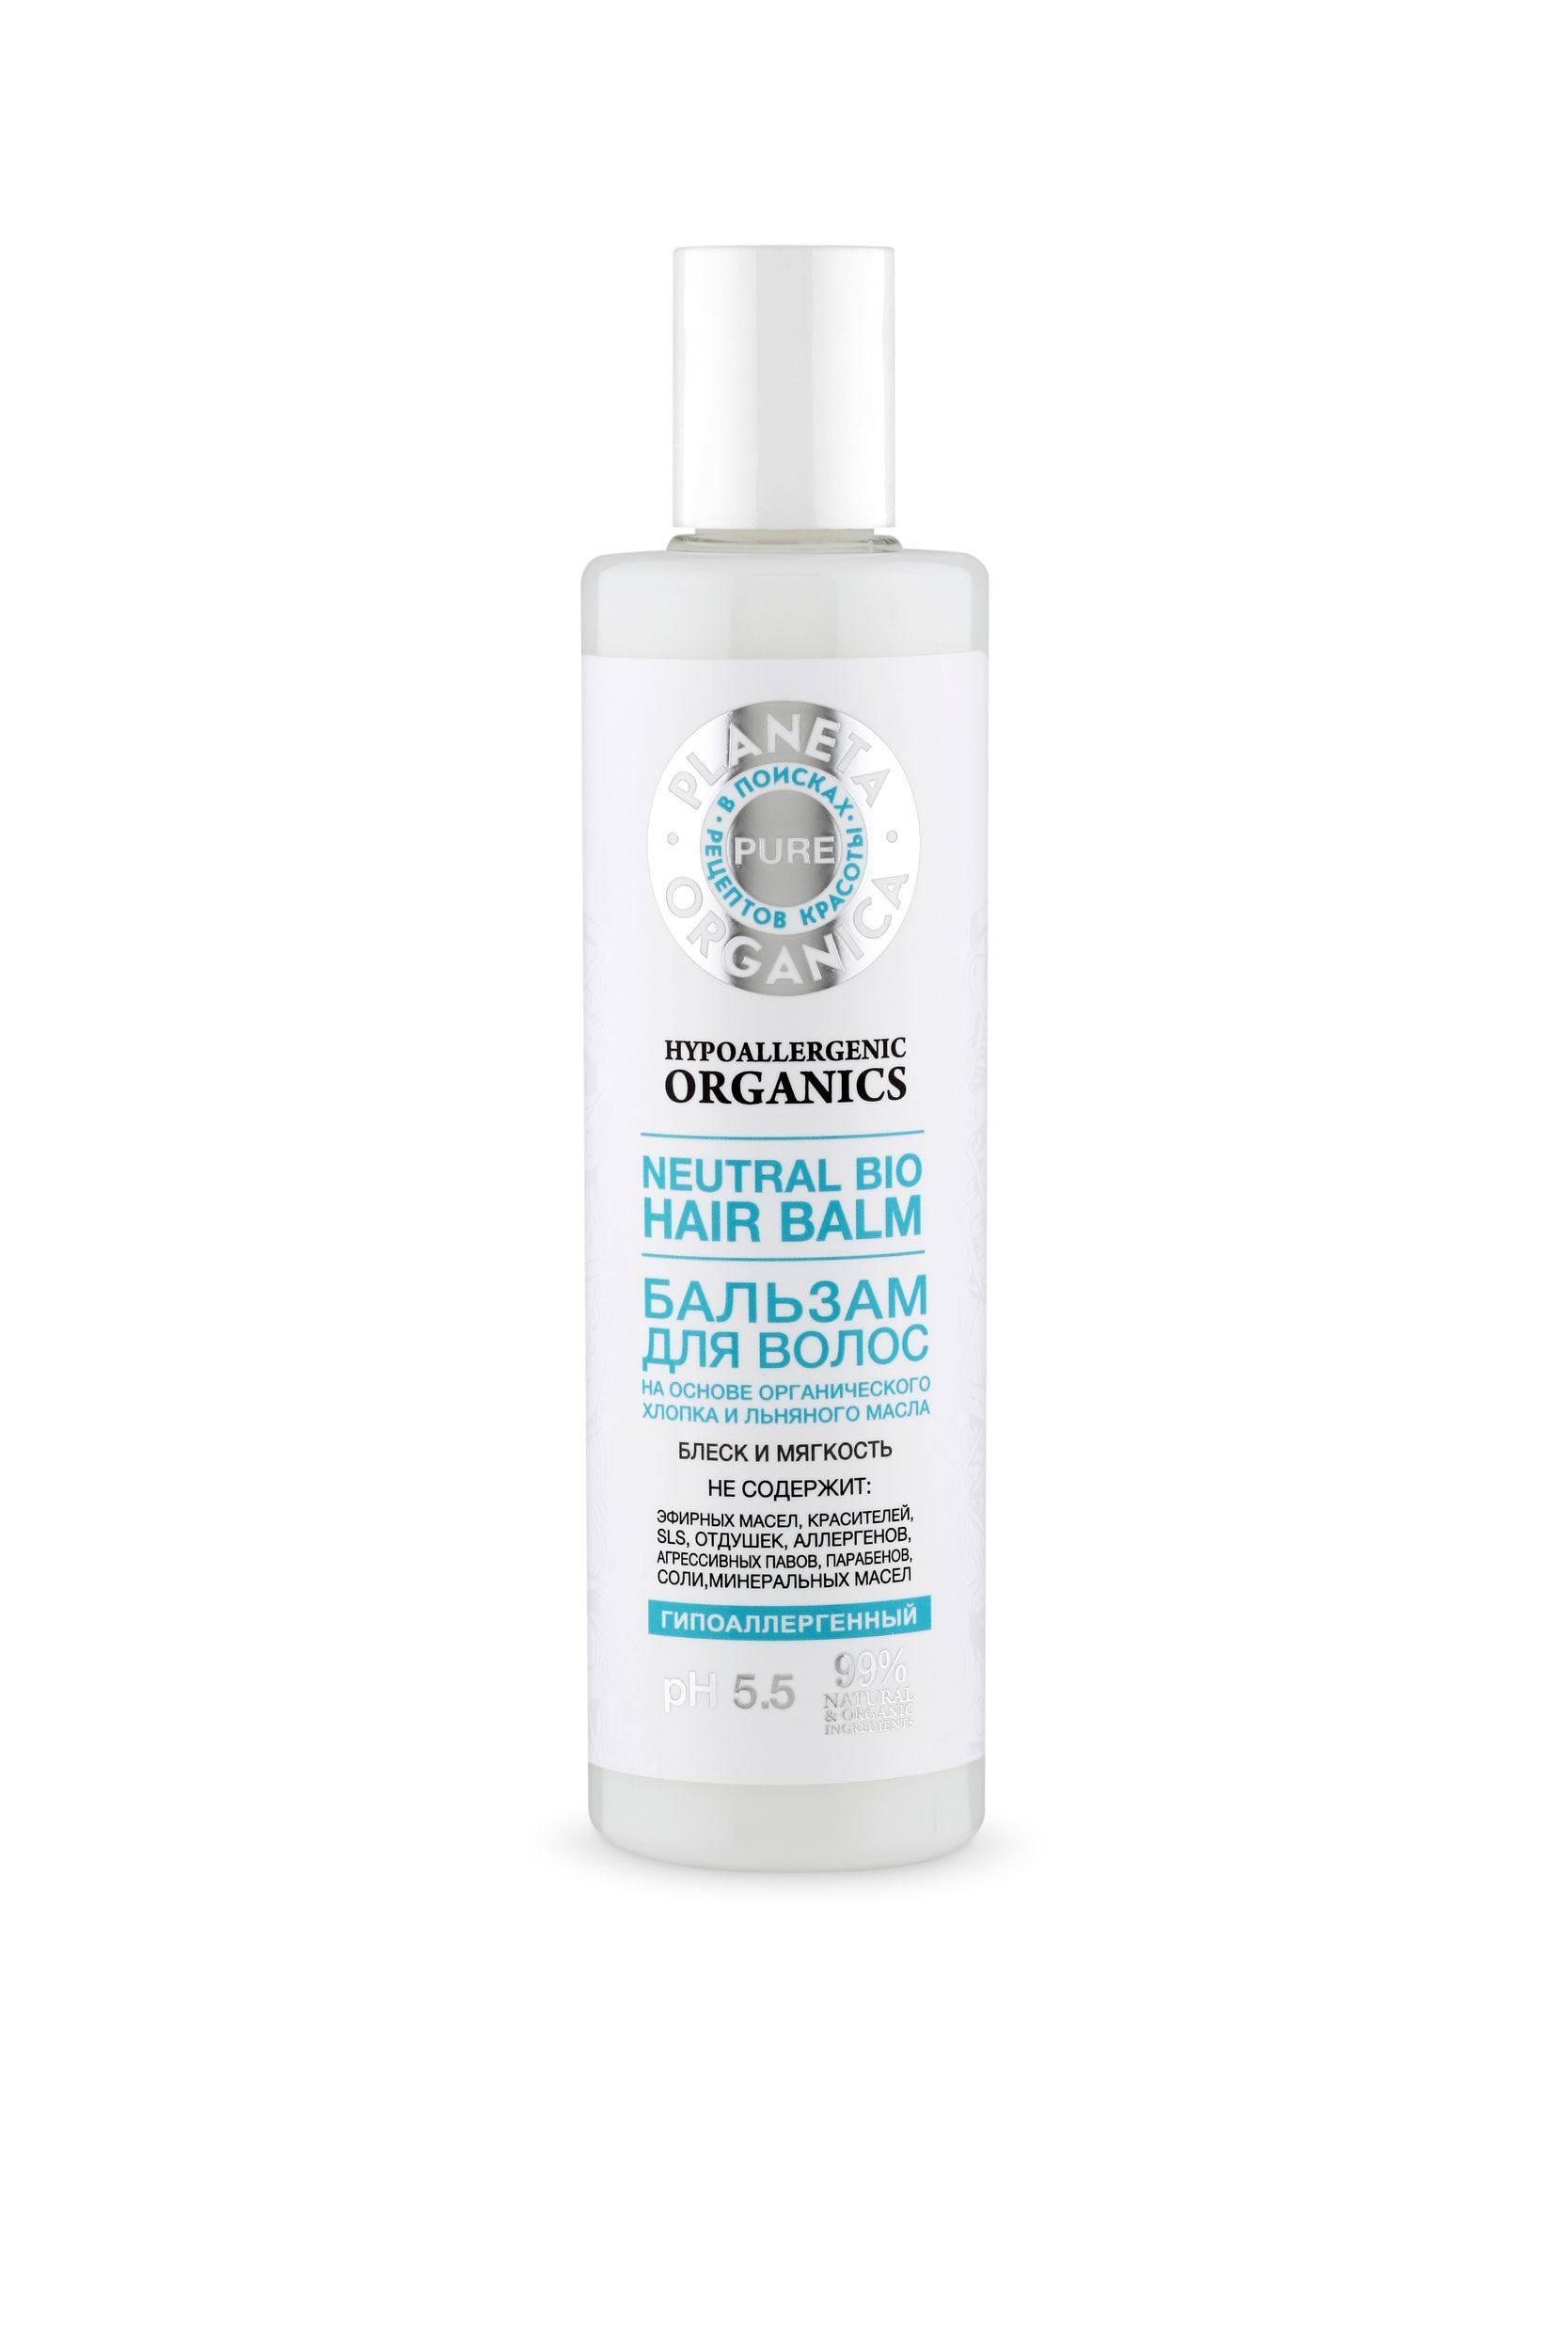 Купить Planeta Organica PURE Бальзам для волос Блеск и мягкость ., 280 мл (shop: Organic-shops Organic shops)